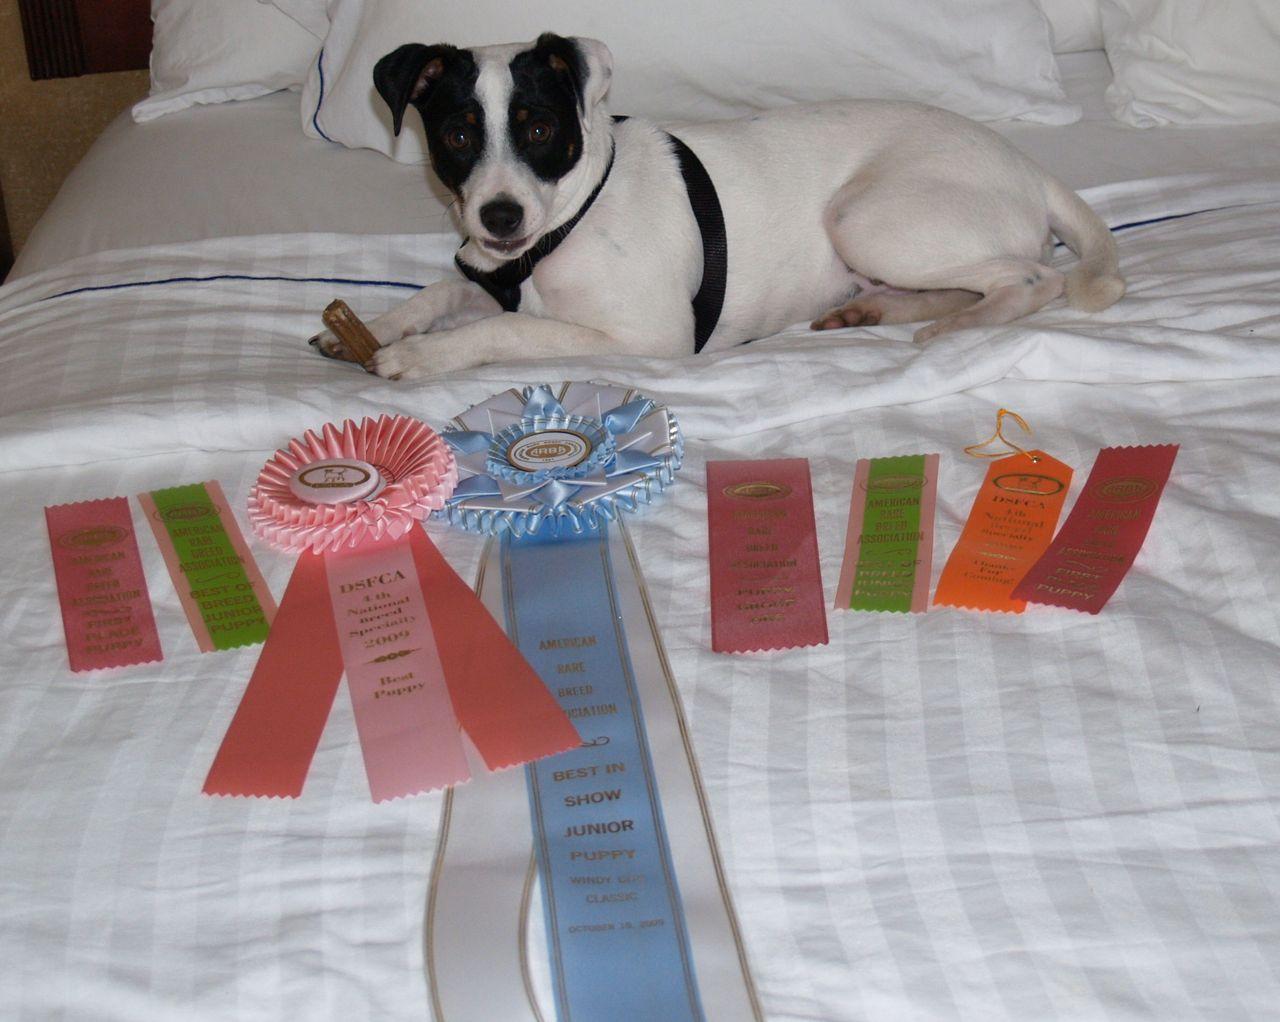 Best In Show Puppy!